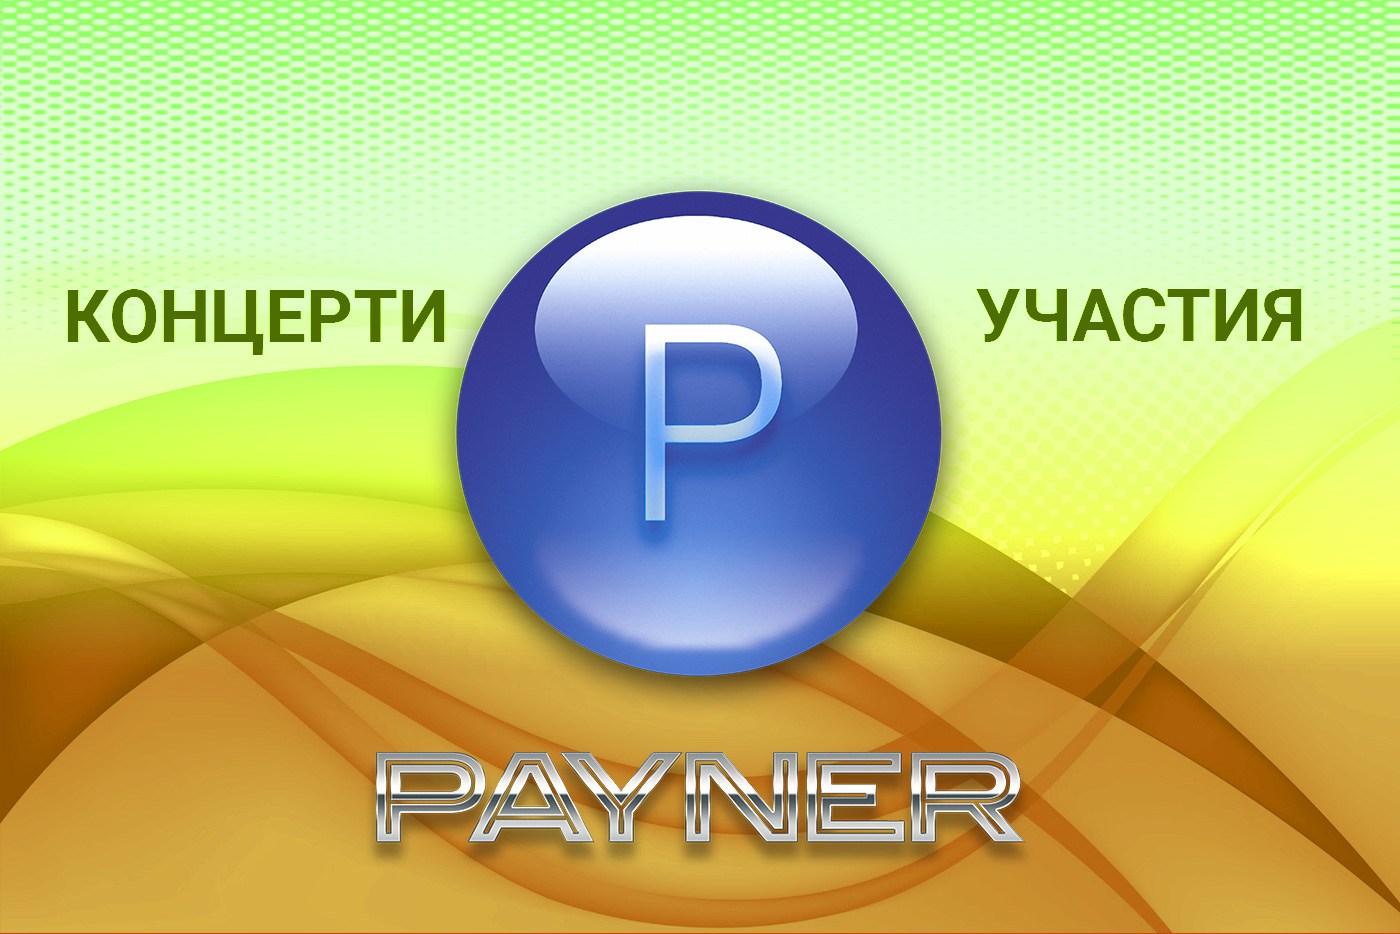 """Участия на звездите на """"Пайнер"""" на 10.02.2019"""